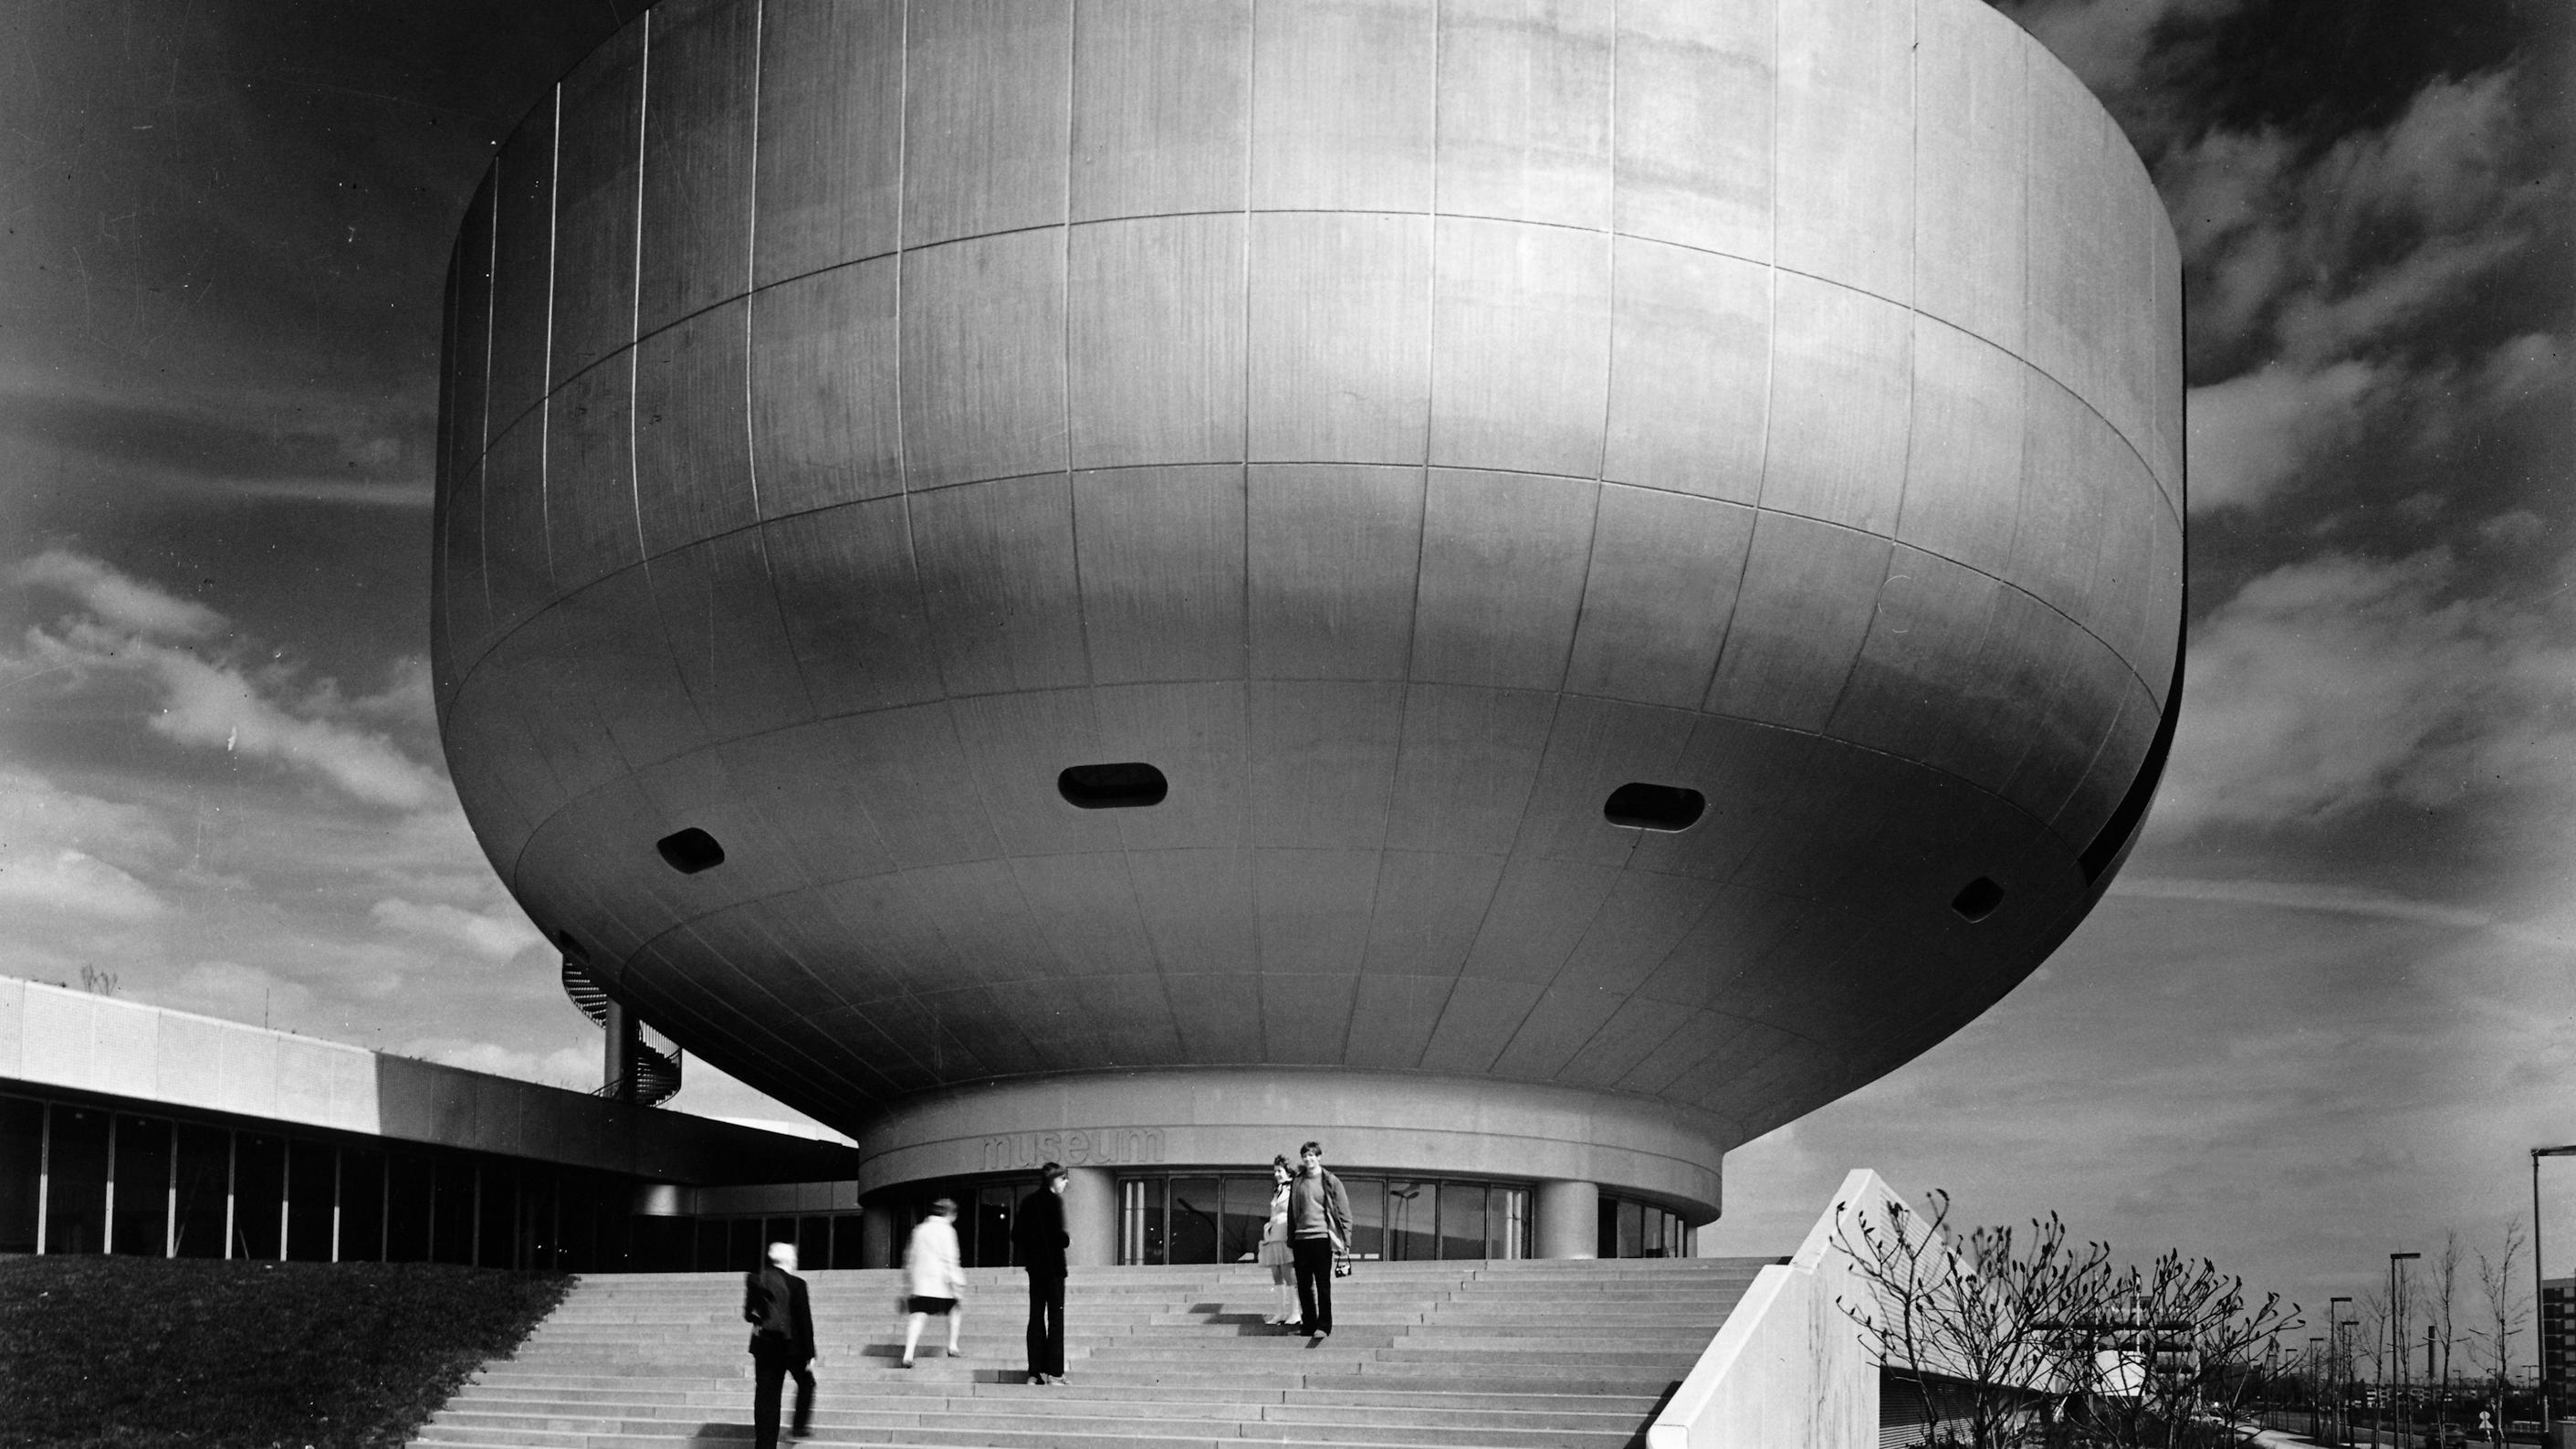 Untersicht unter ein pilzartiges Gebäude (BMW-Hauptverwaltung München, Karl Schanzer), 1972